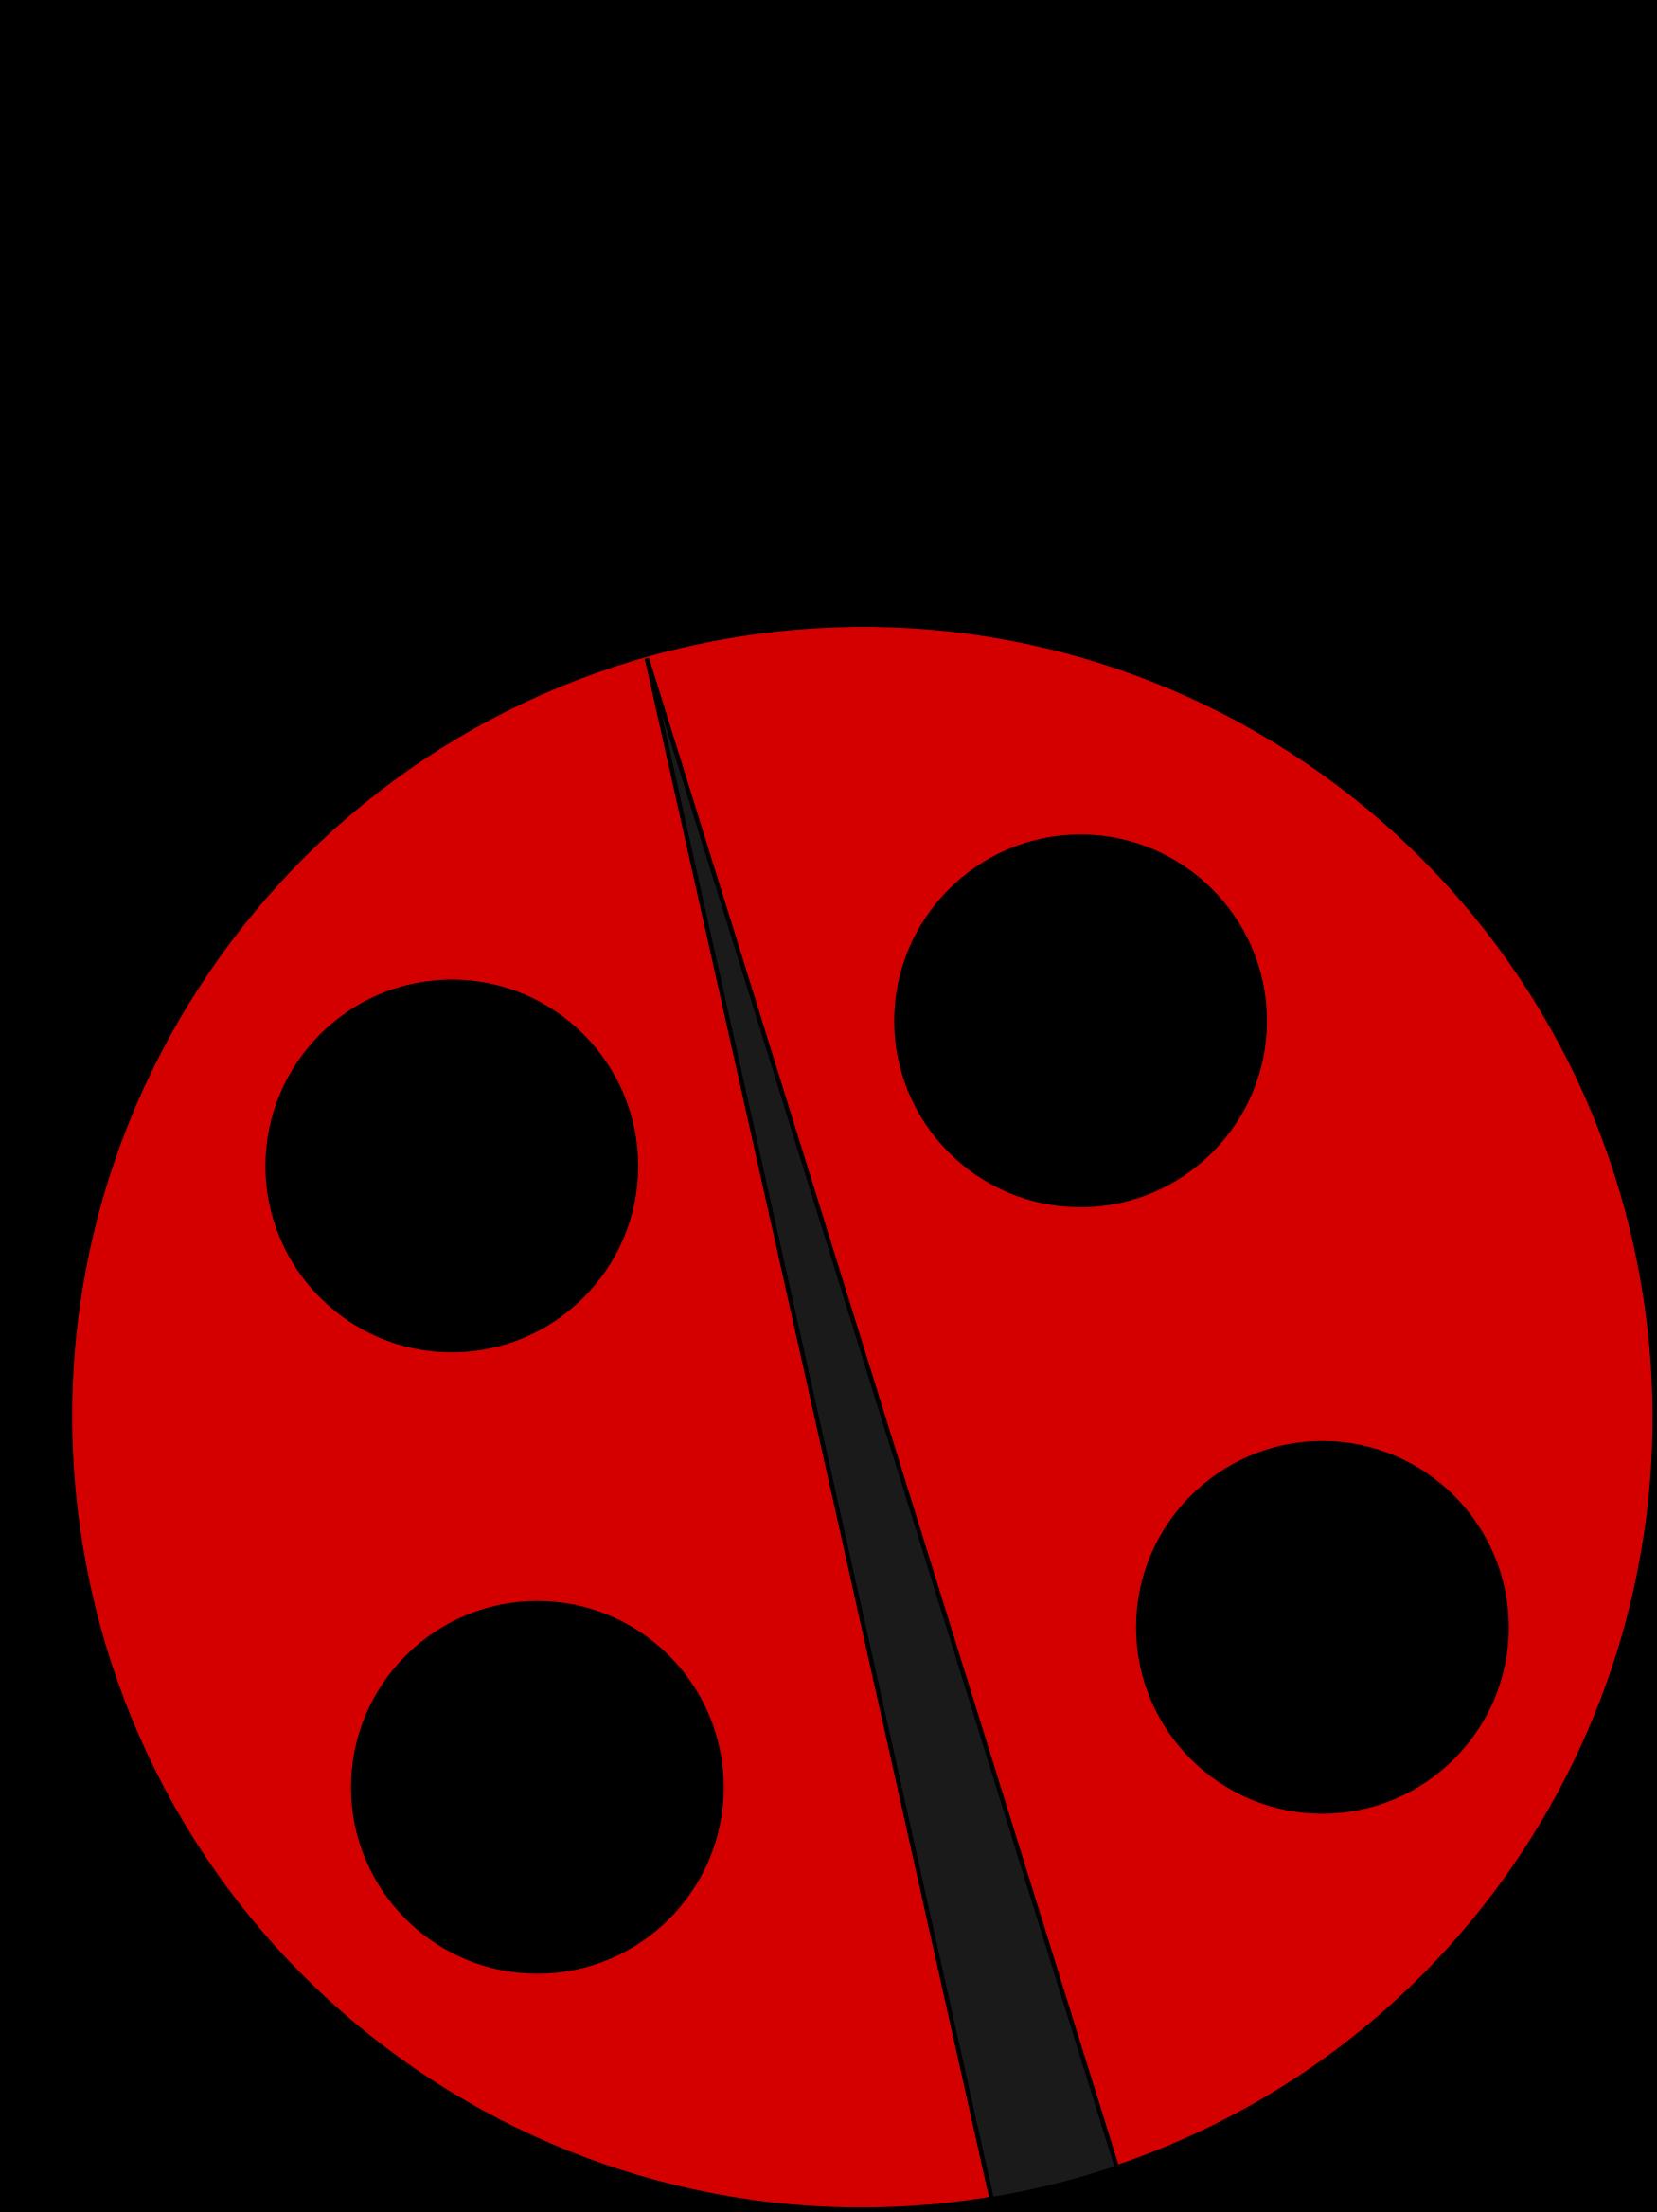 Ladybug clip art lady bug